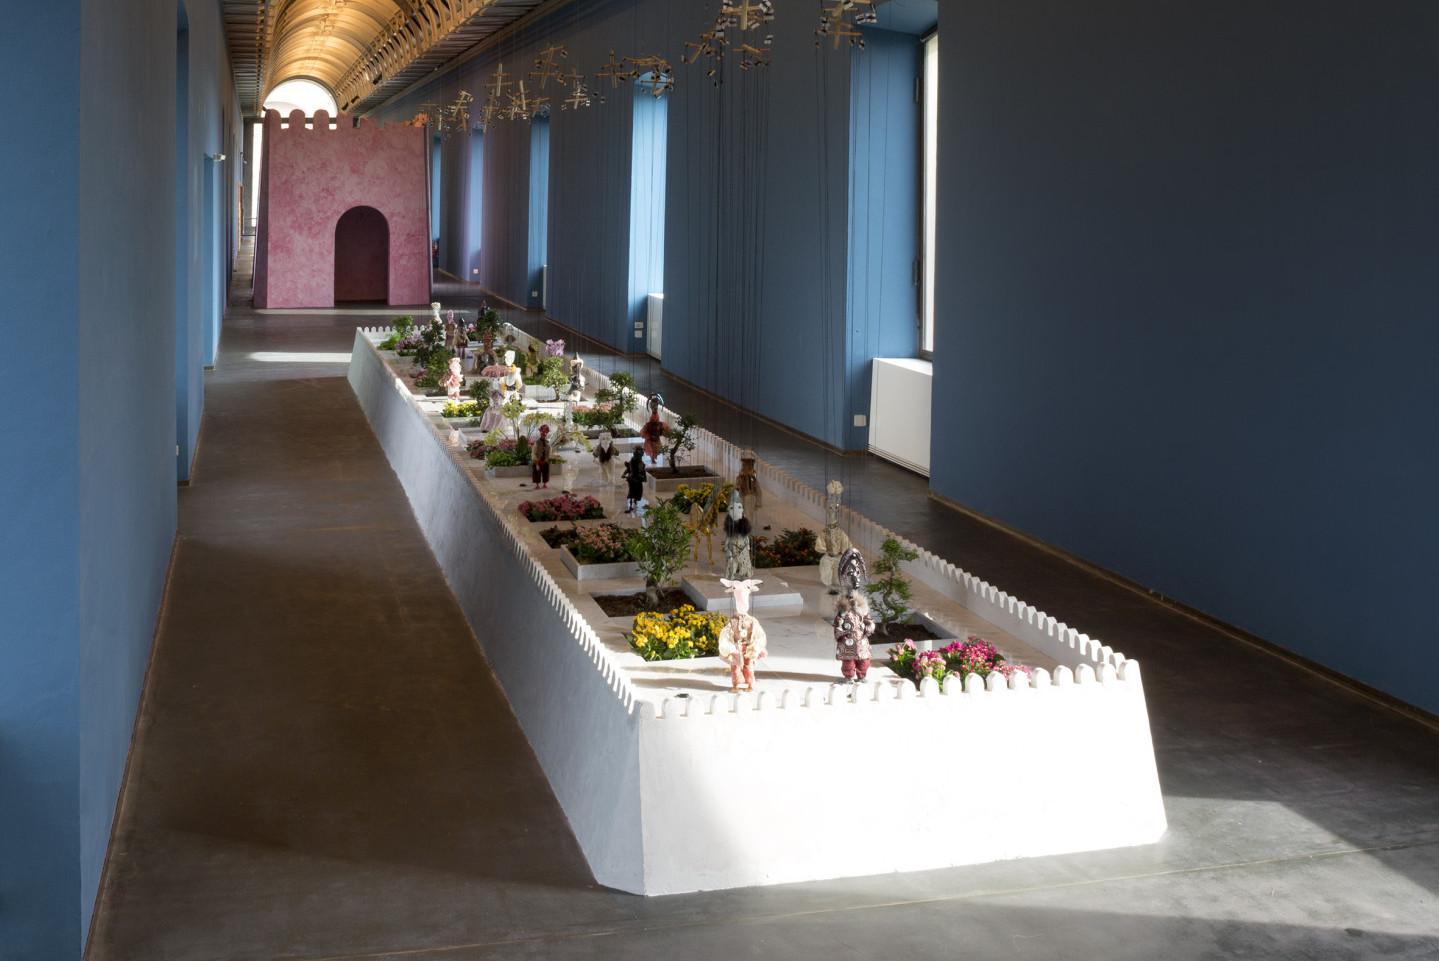 Wael shawky at castello di rivoli museo d arte for Magazine arte contemporanea